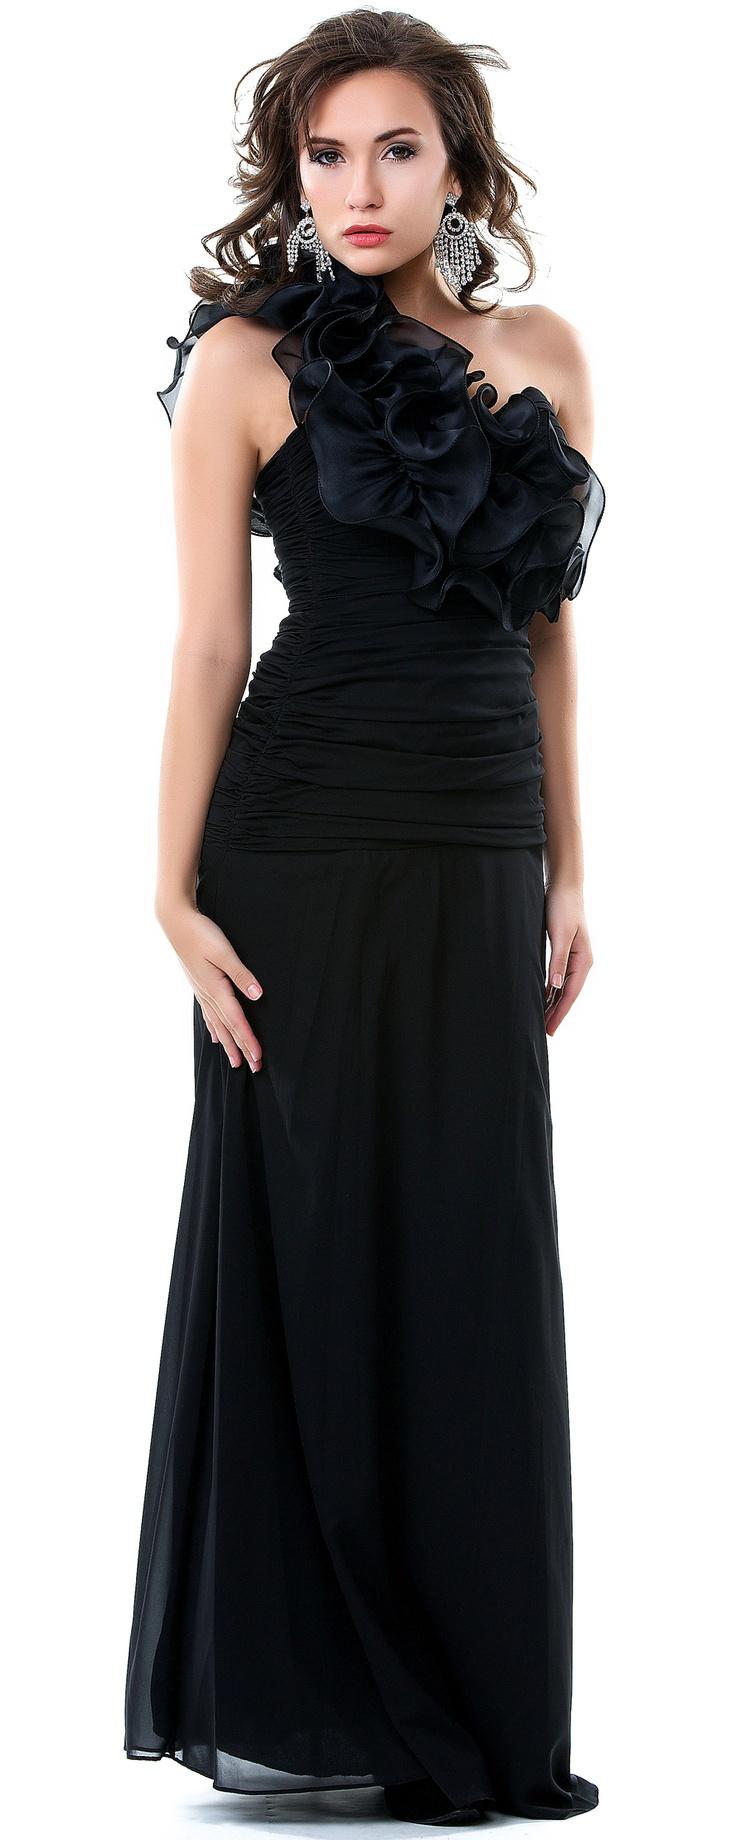 68 best Prom! images on Pinterest | Bridal bouquets, Curve dresses ...